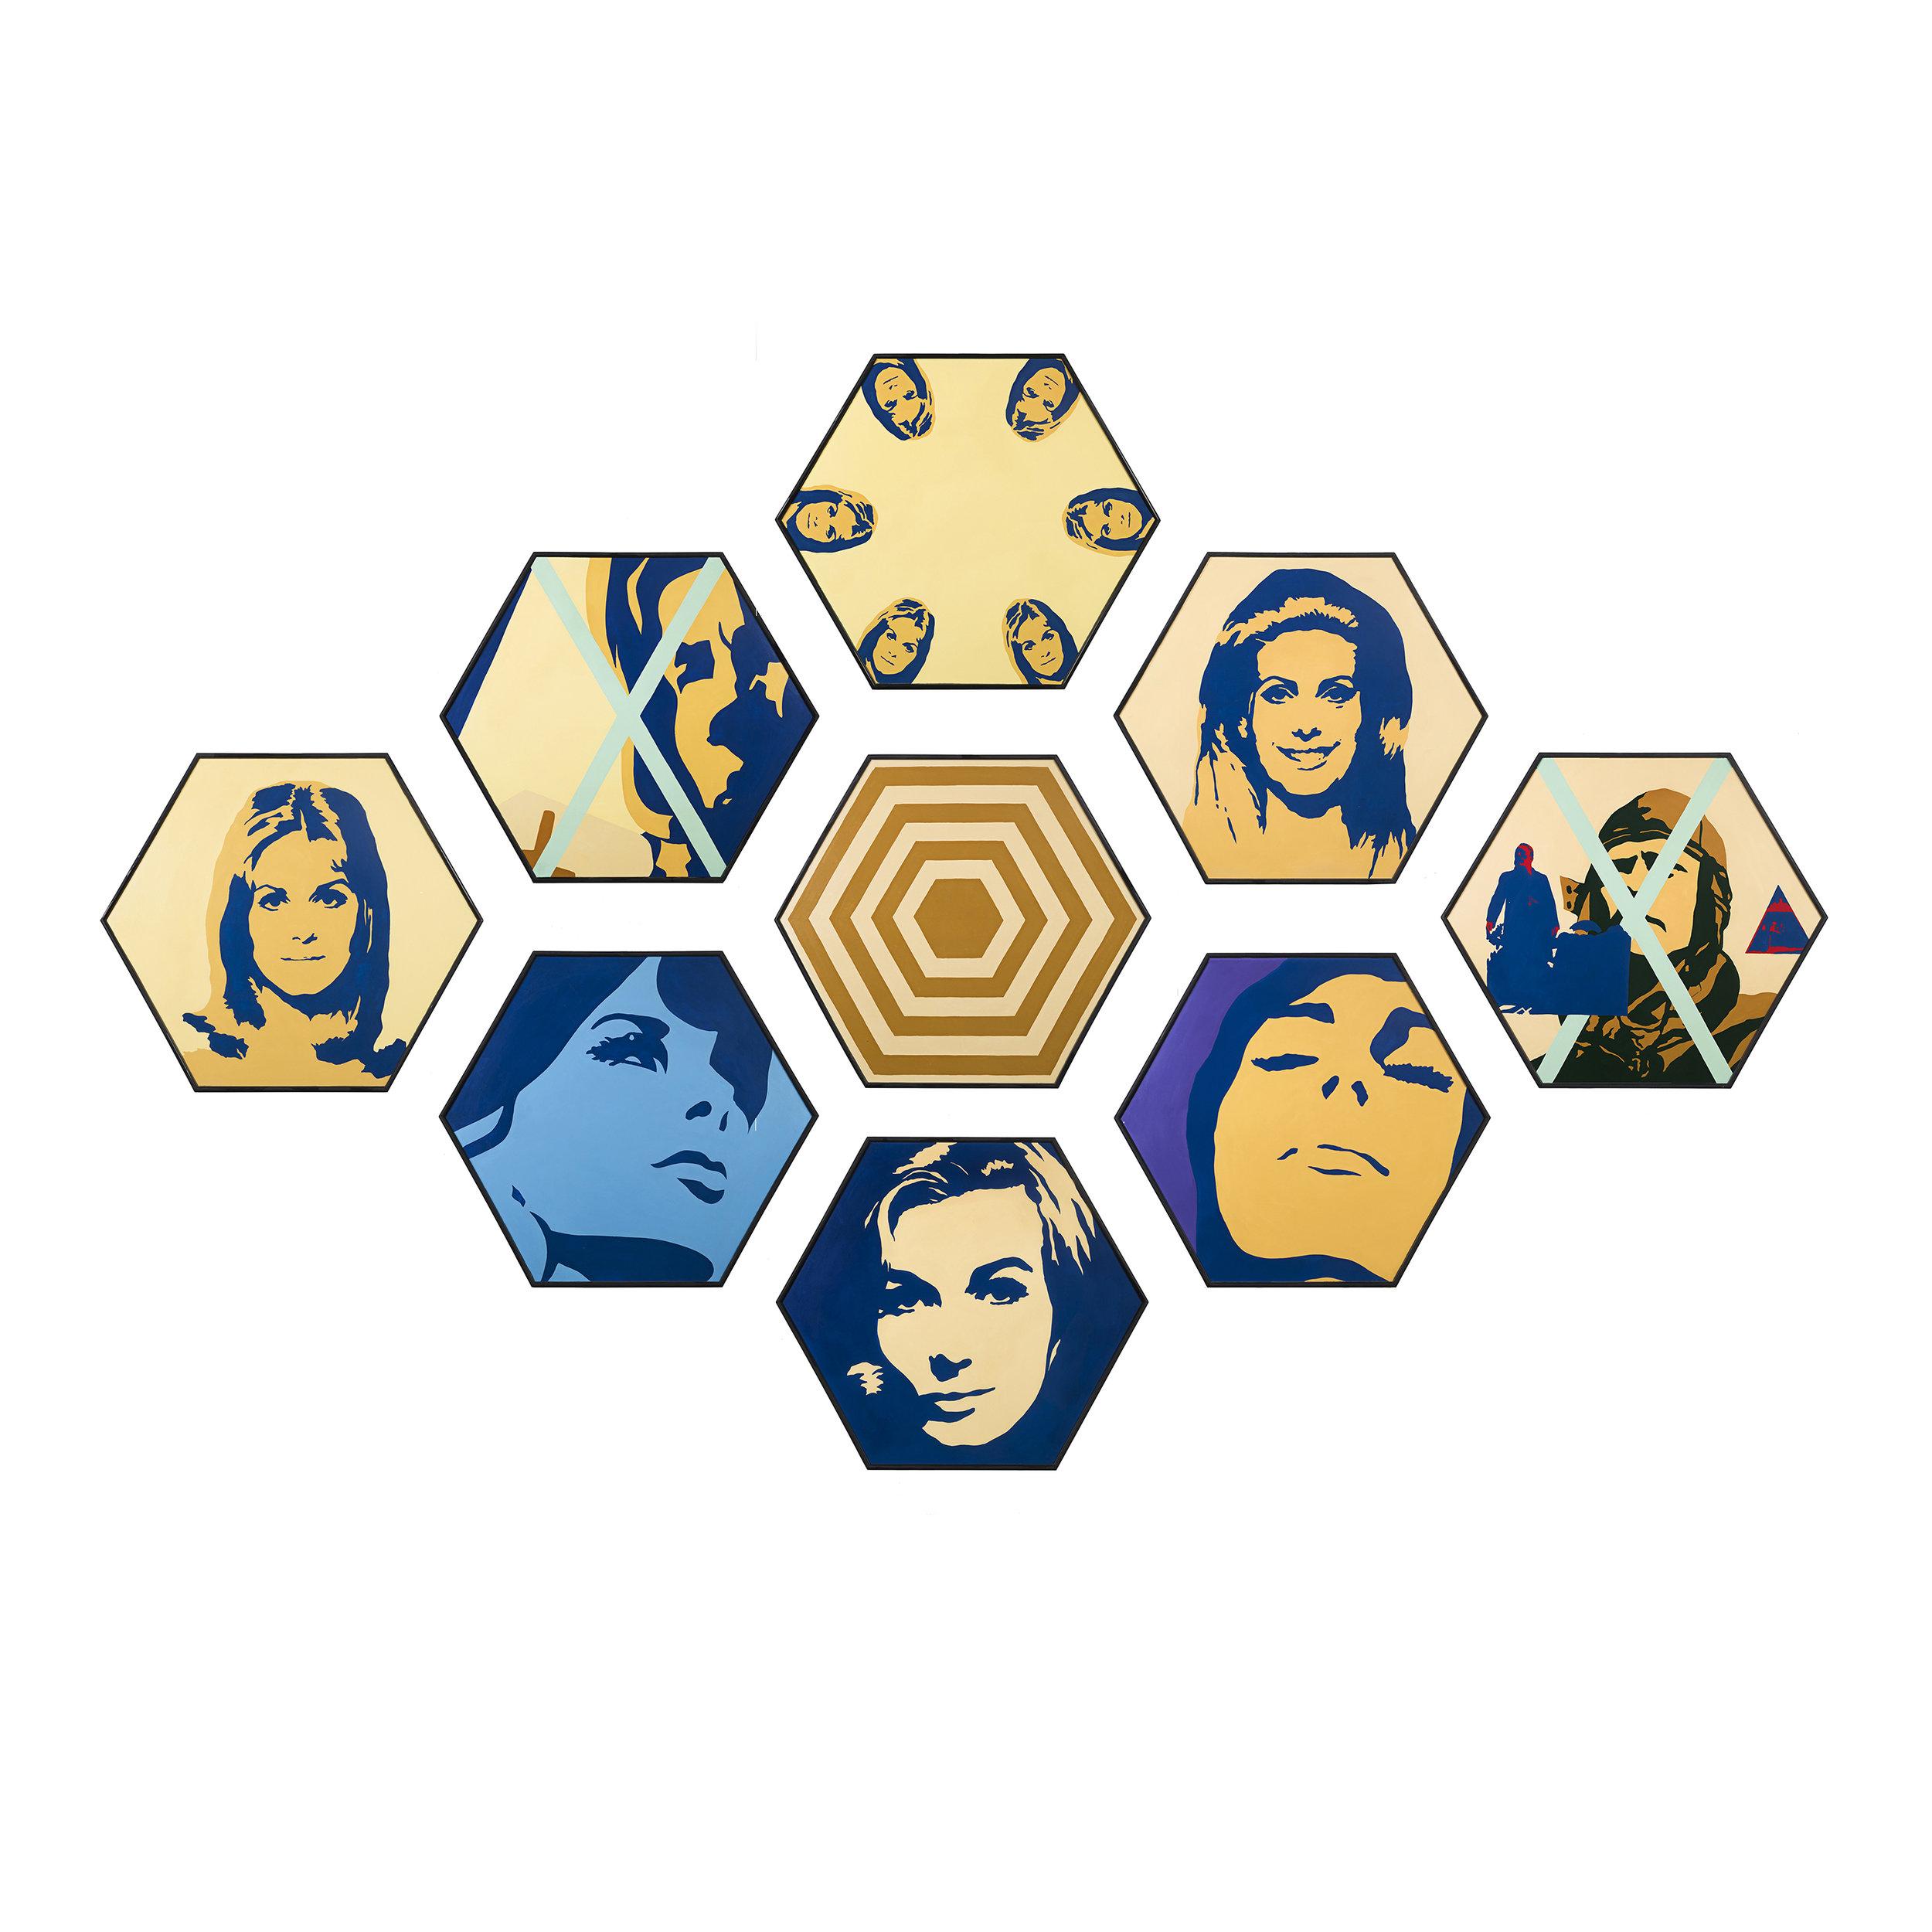 Hexagonal Pictures combination 1.jpg